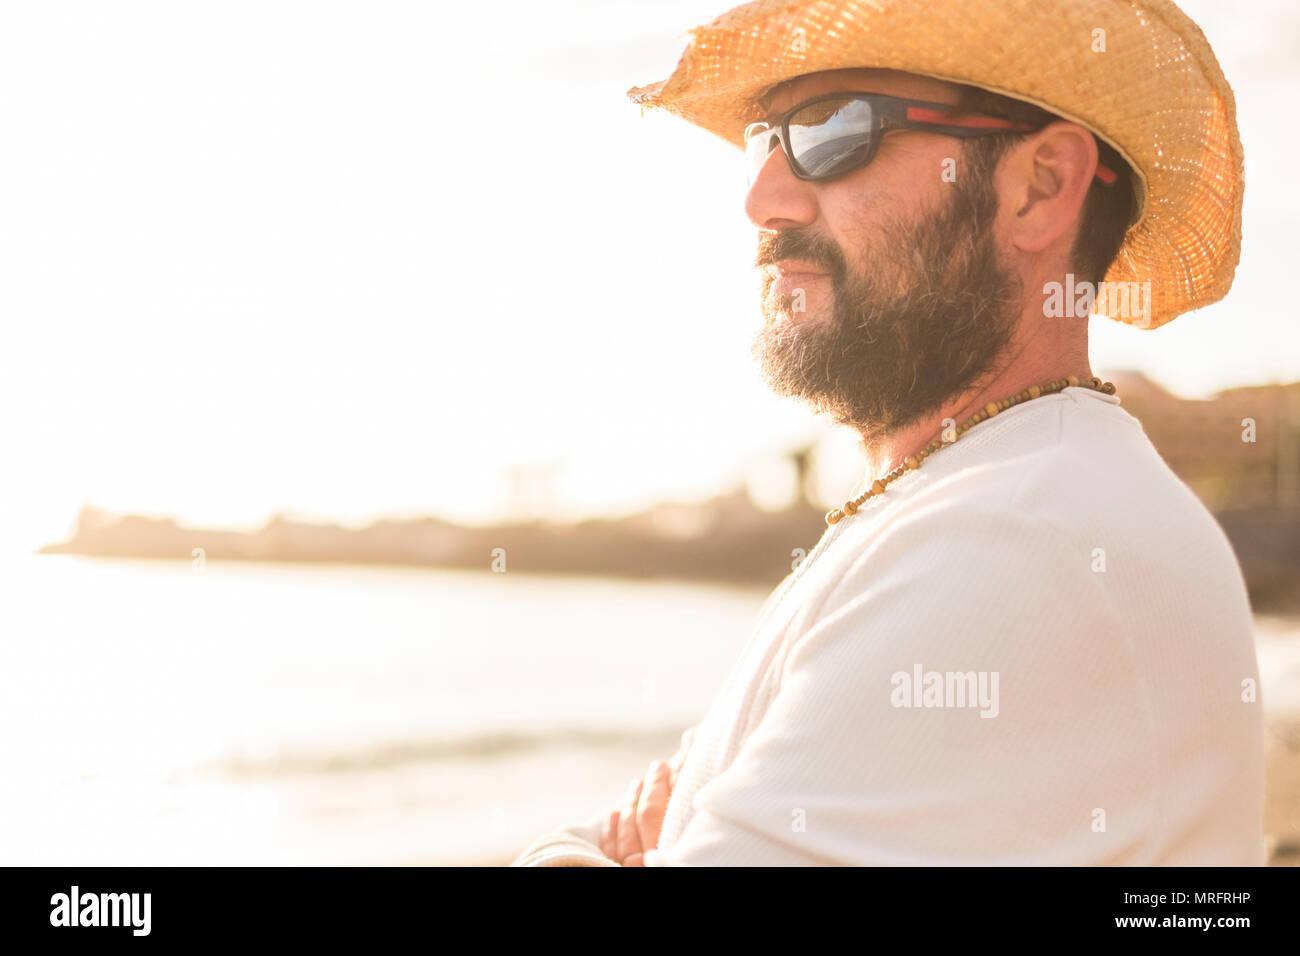 Mitte Alter 45 Jahre alten weißen Mann in Urlaub am Horizont mit einem golde Sonnenuntergang im Hintergrund. mit Sonnenbrille und Sommer Kleidung Stockbild